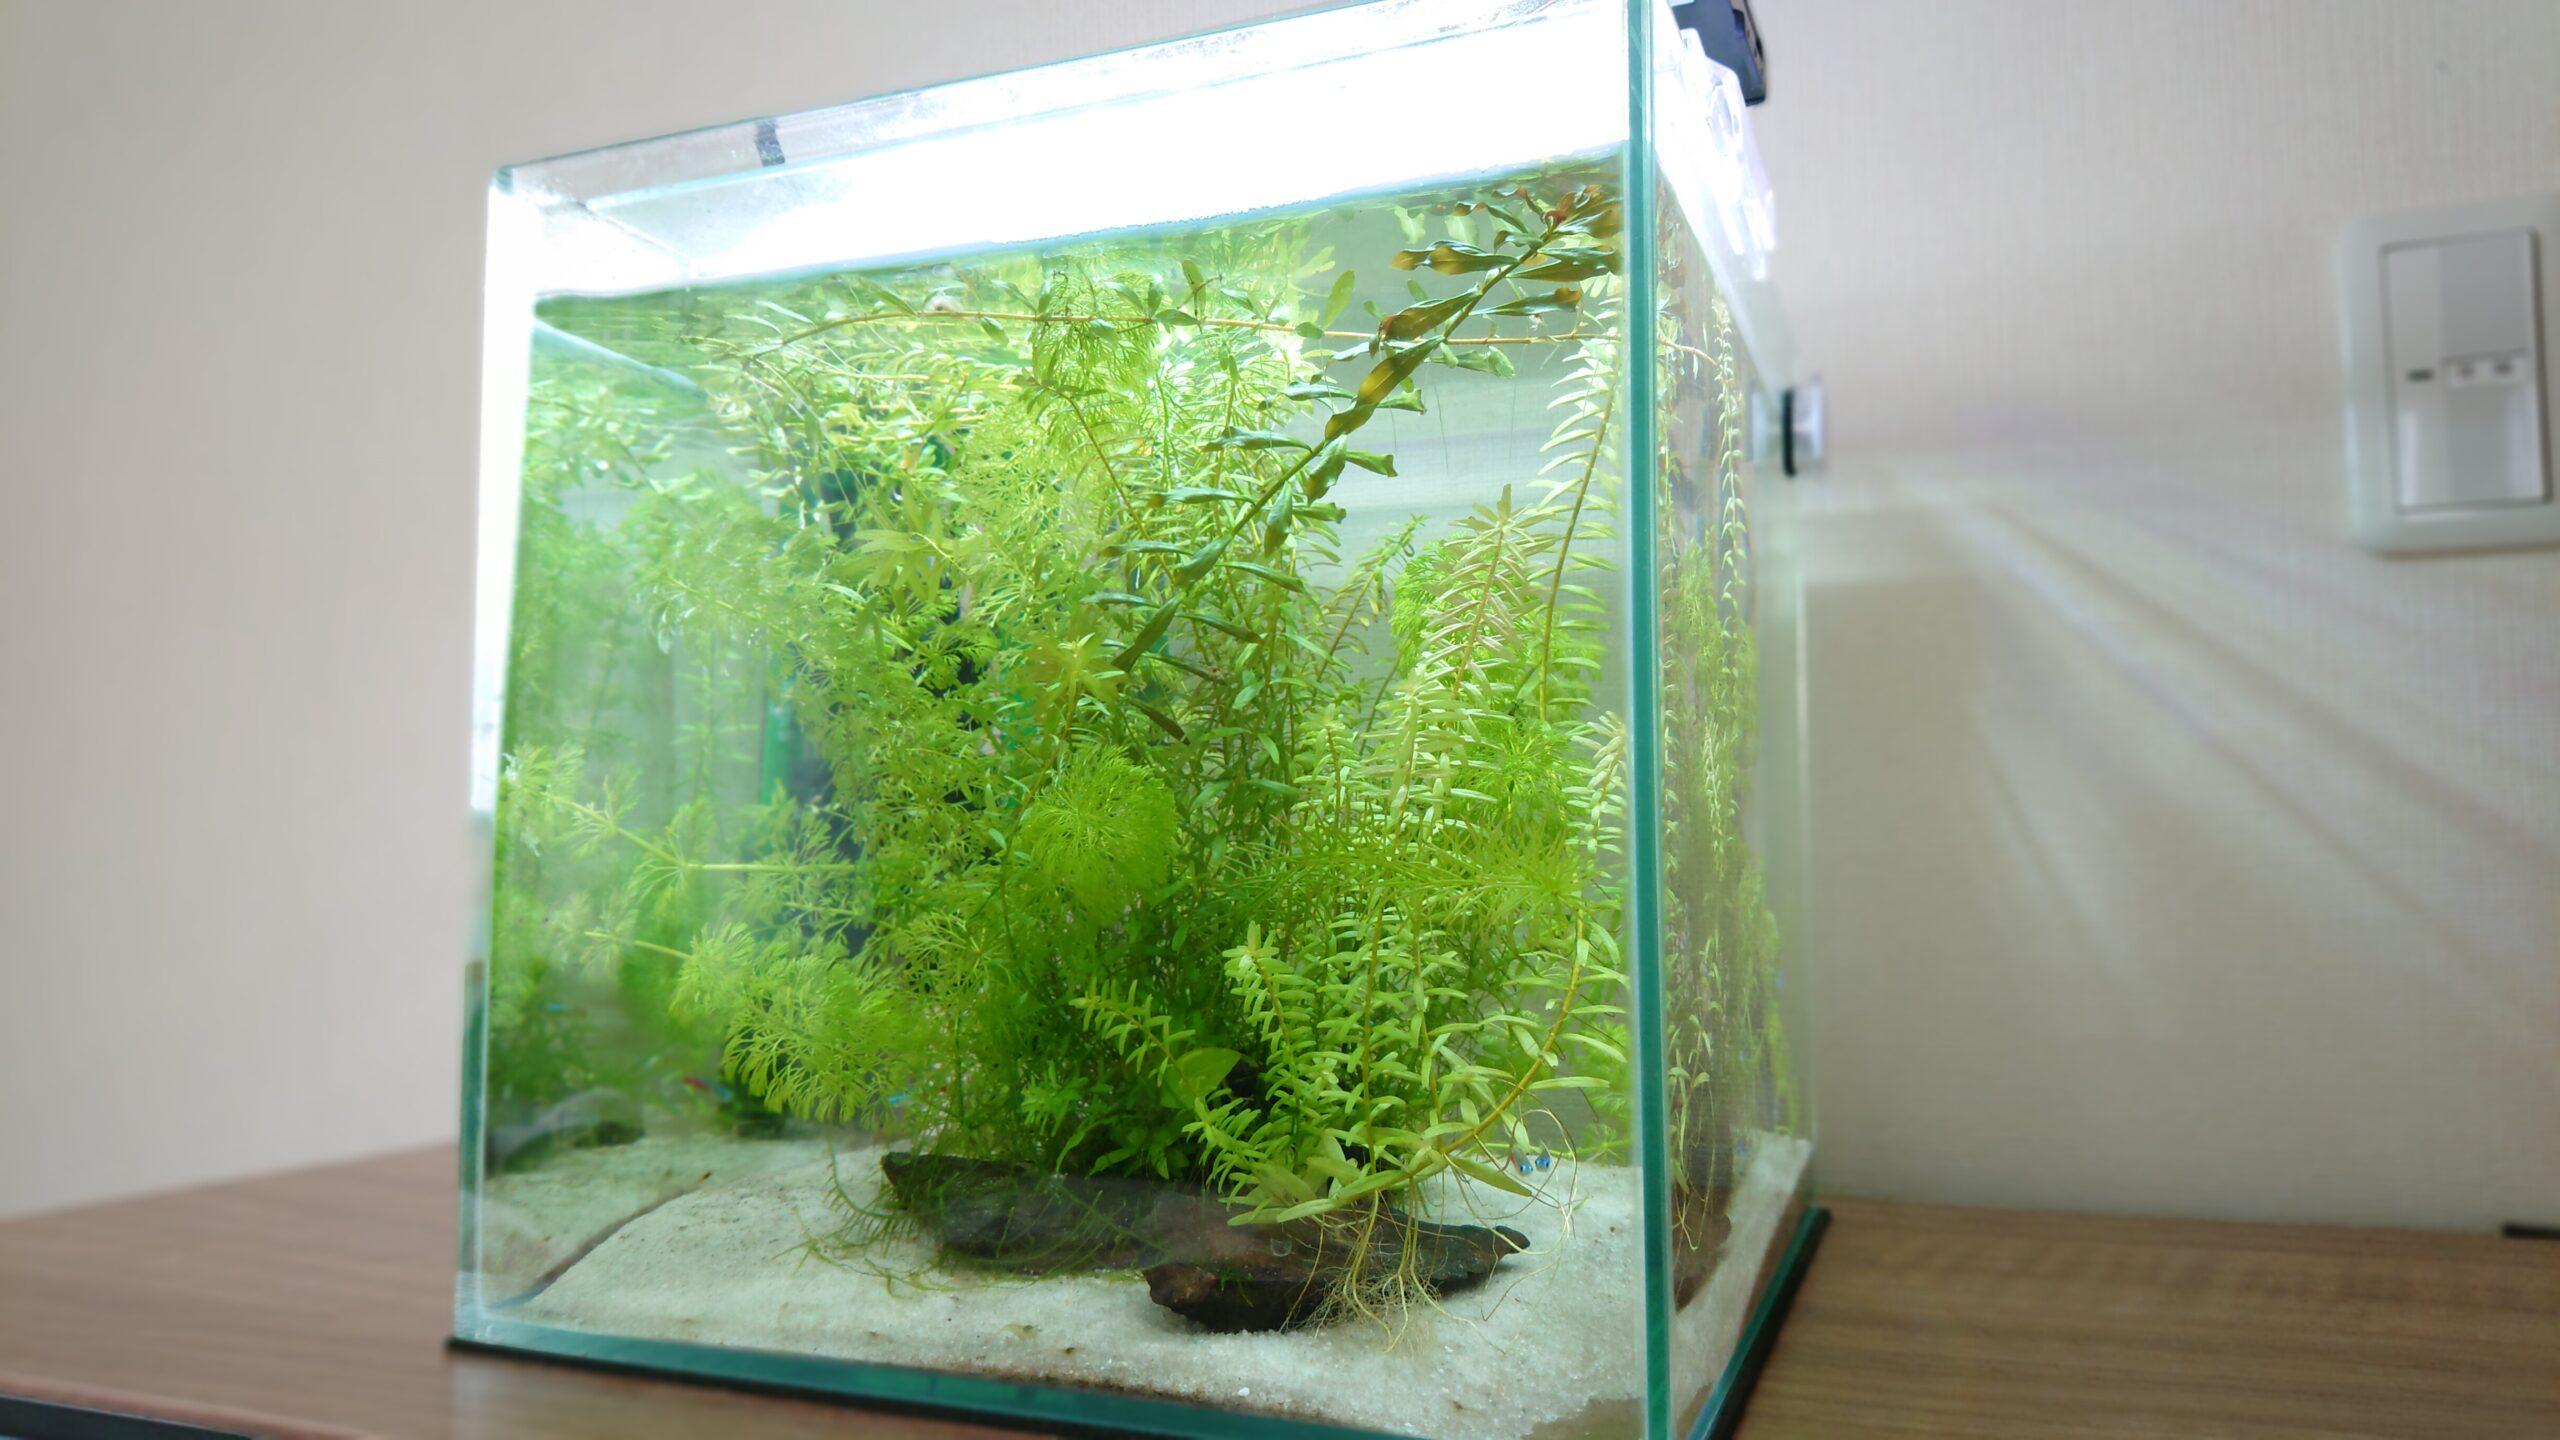 侘び草を二酸化炭素(CO2)無し、照明無しという環境で7か月間放置したが、水草は良く育った。